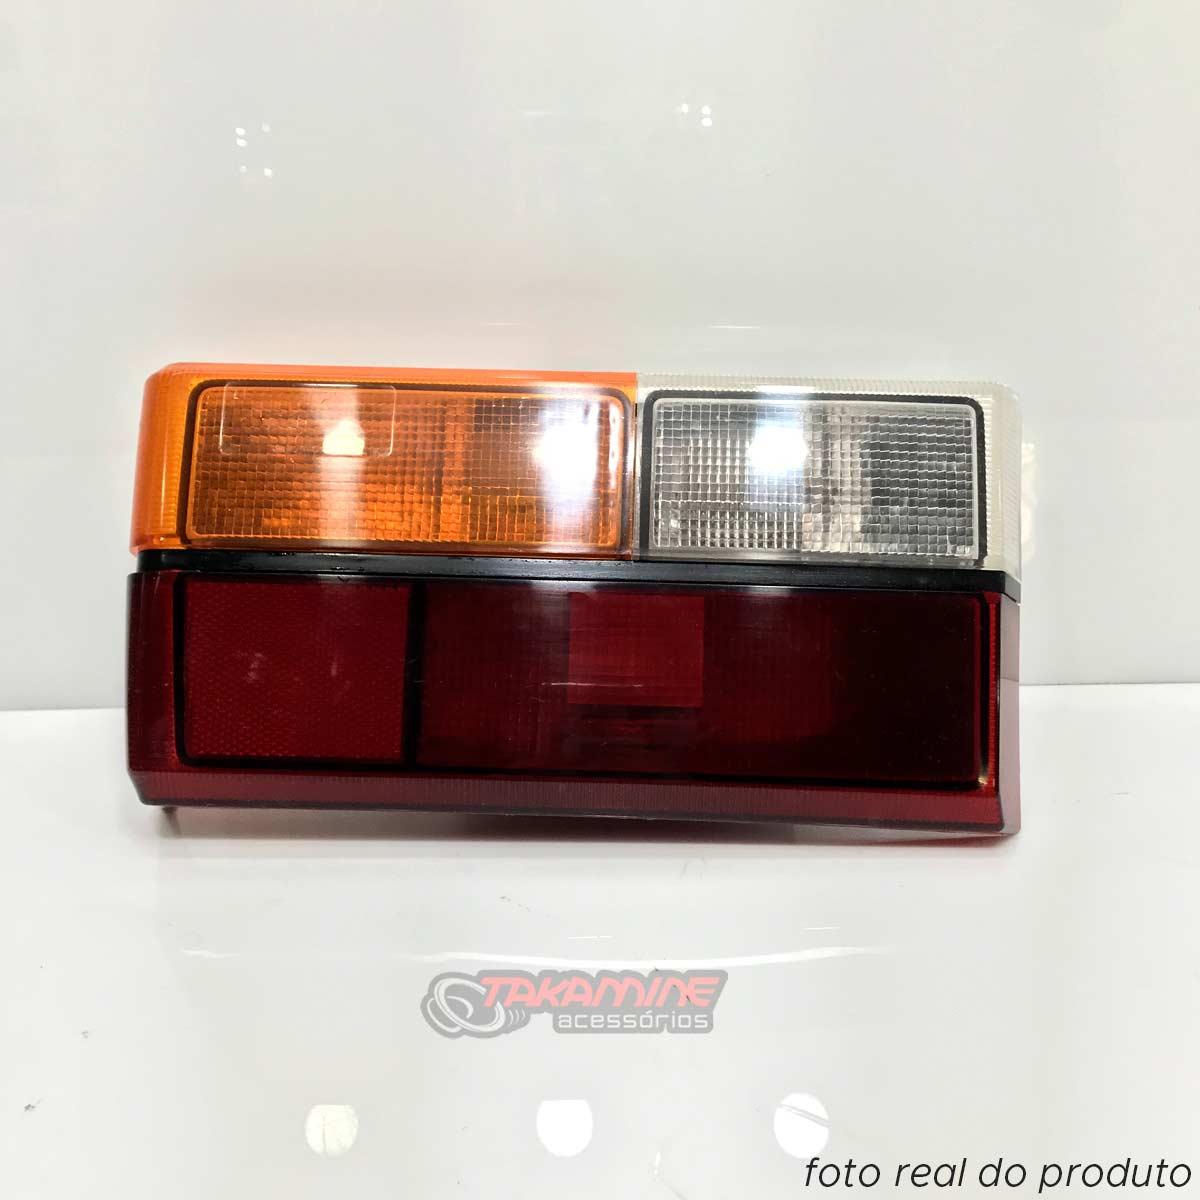 Lanterna traseira Gol 1980 1981 1982 1983 1984 1985 1986 tricolor original com friso preto lado esquerdo